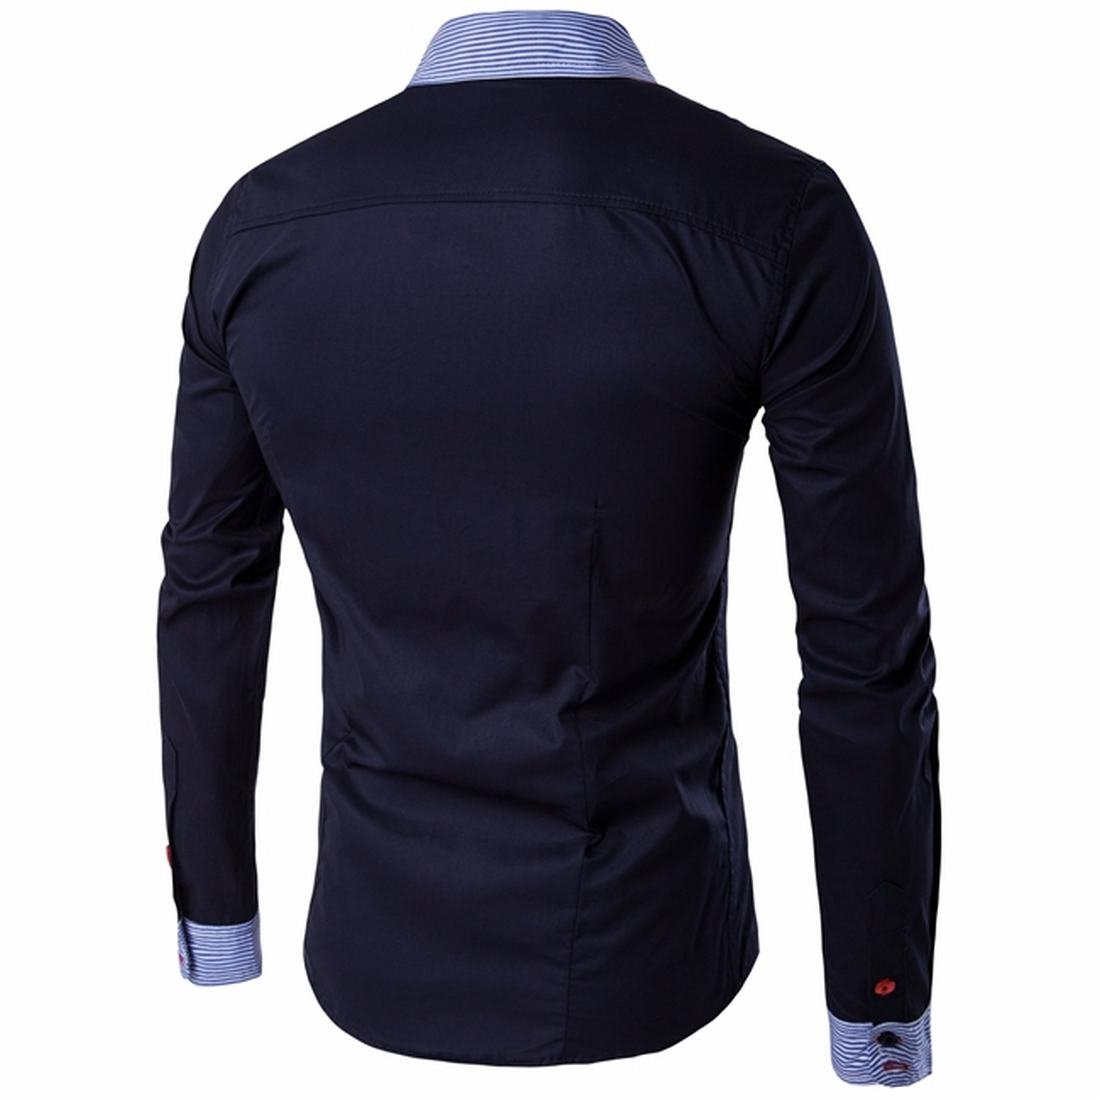 Honey GD Mens Casual Fashion Cozy Slim Long Sleeve Shirts